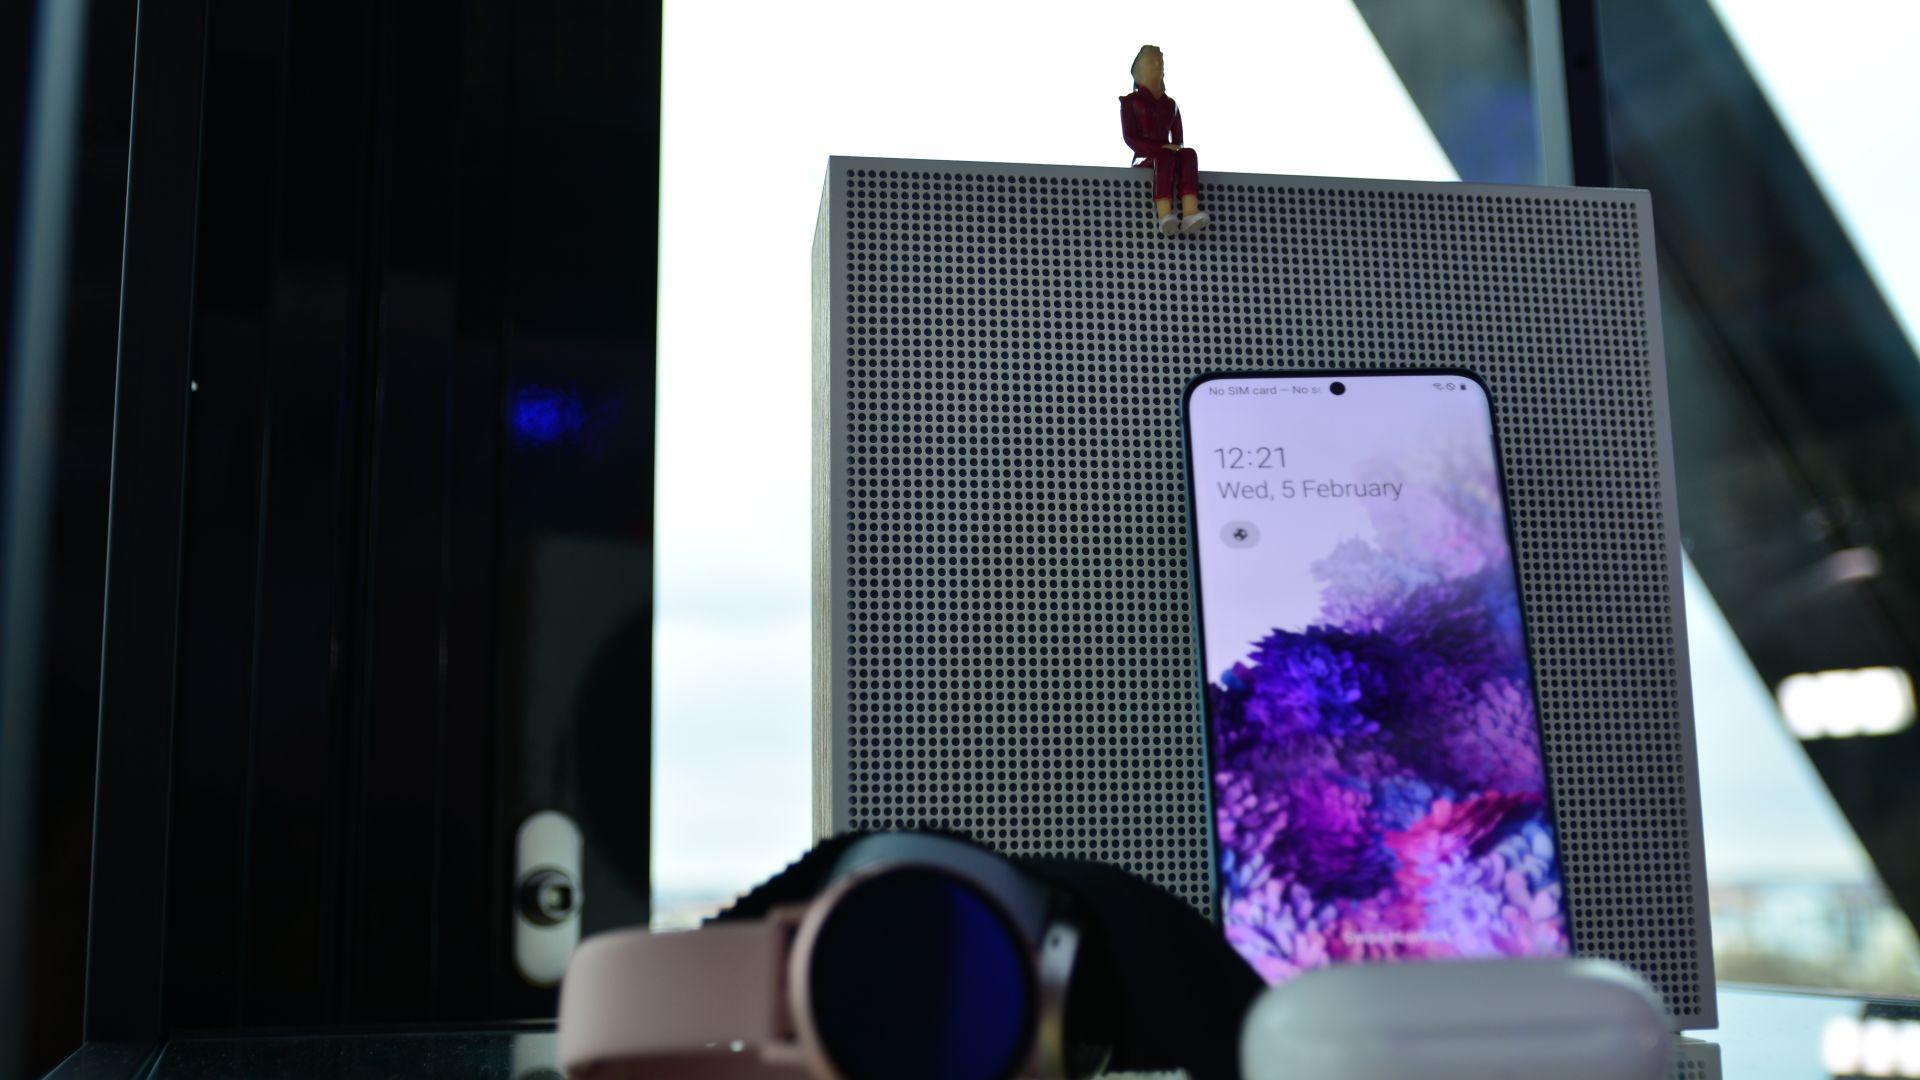 Samsung ще стане лидер в доставките на смартфон дисплеи до края на 2020 г.